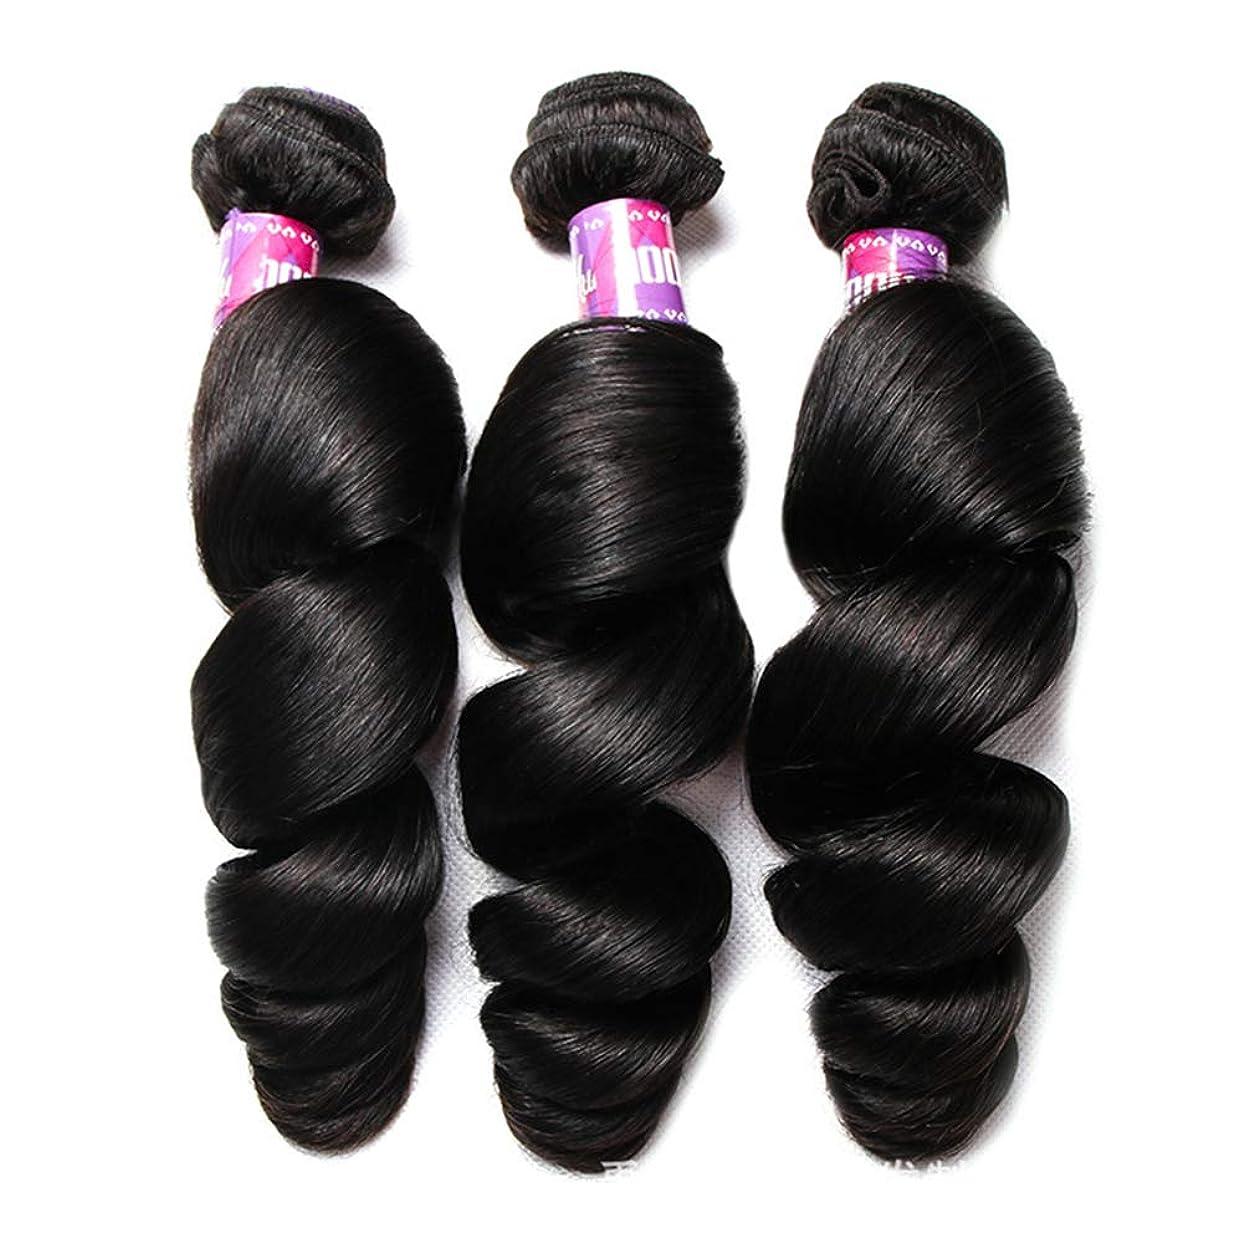 ブレース不信機会ブラジルのボディウェーブの毛100%Remyの人間の毛髪の織り方延長未処理のバージンのブラジルの毛(3束)